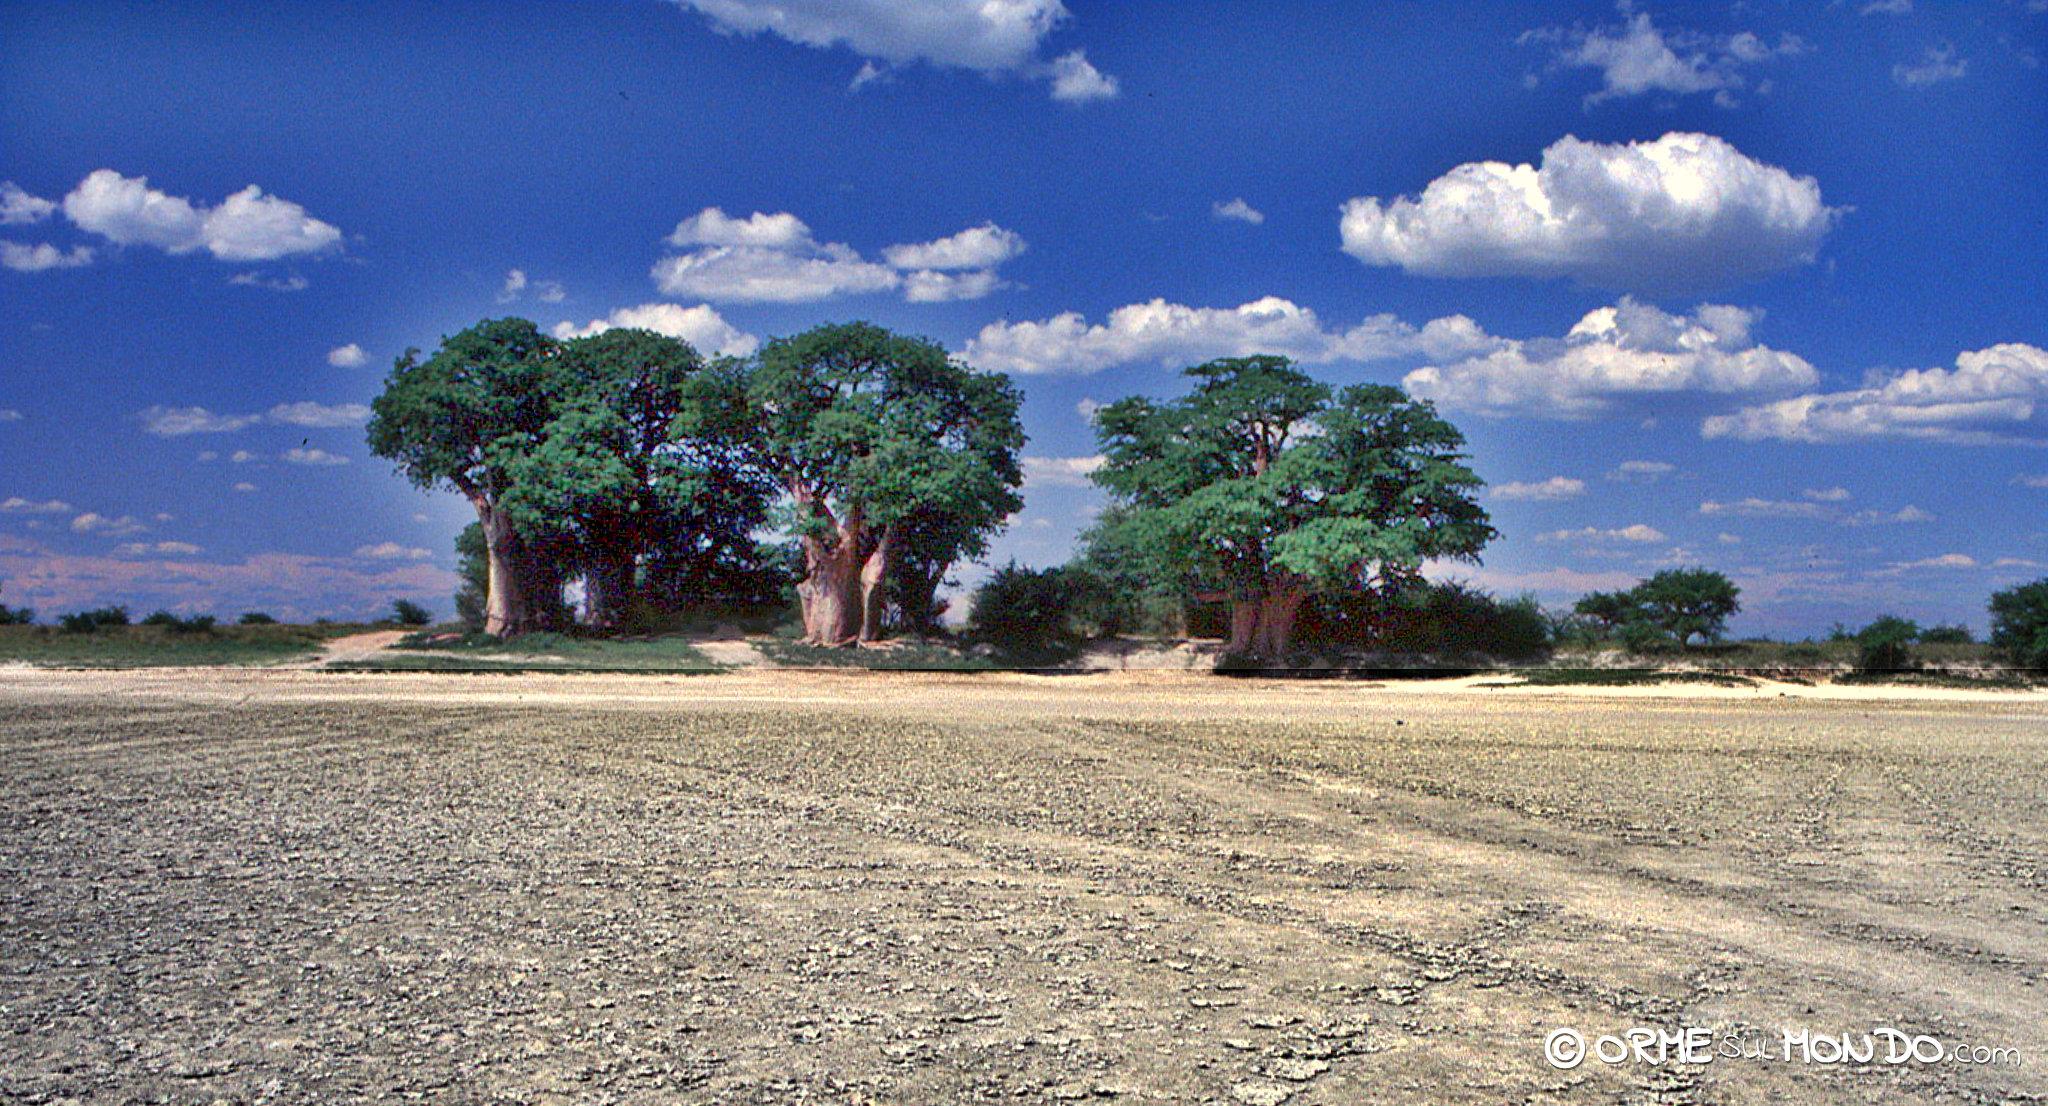 I famosi Baines' Baobabs dove ci accamperemo per la notte